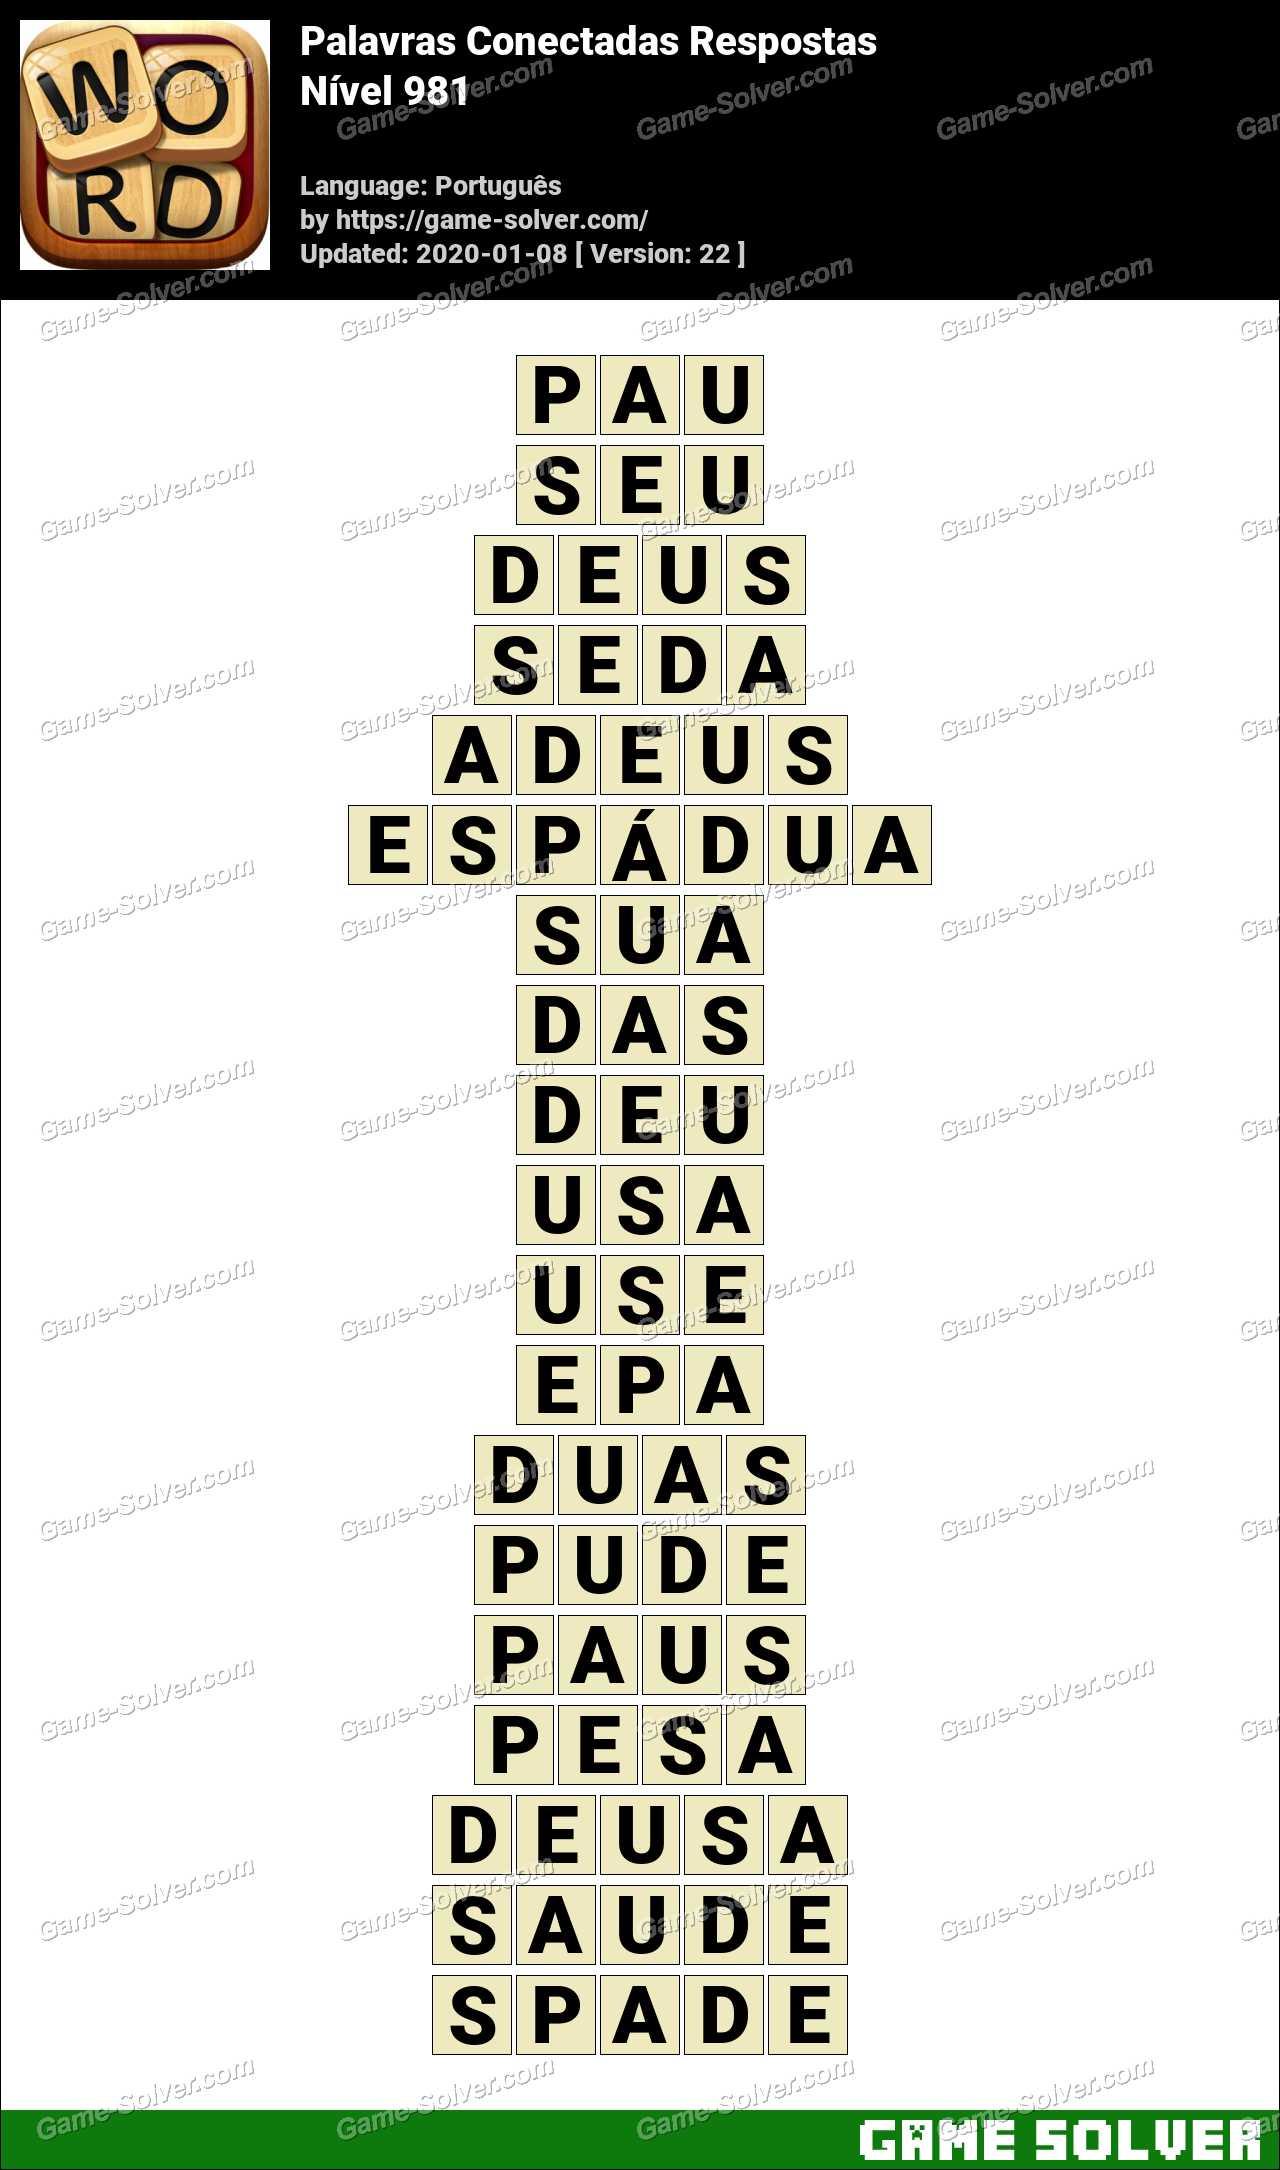 Palavras Conectadas Nivel 981 Respostas